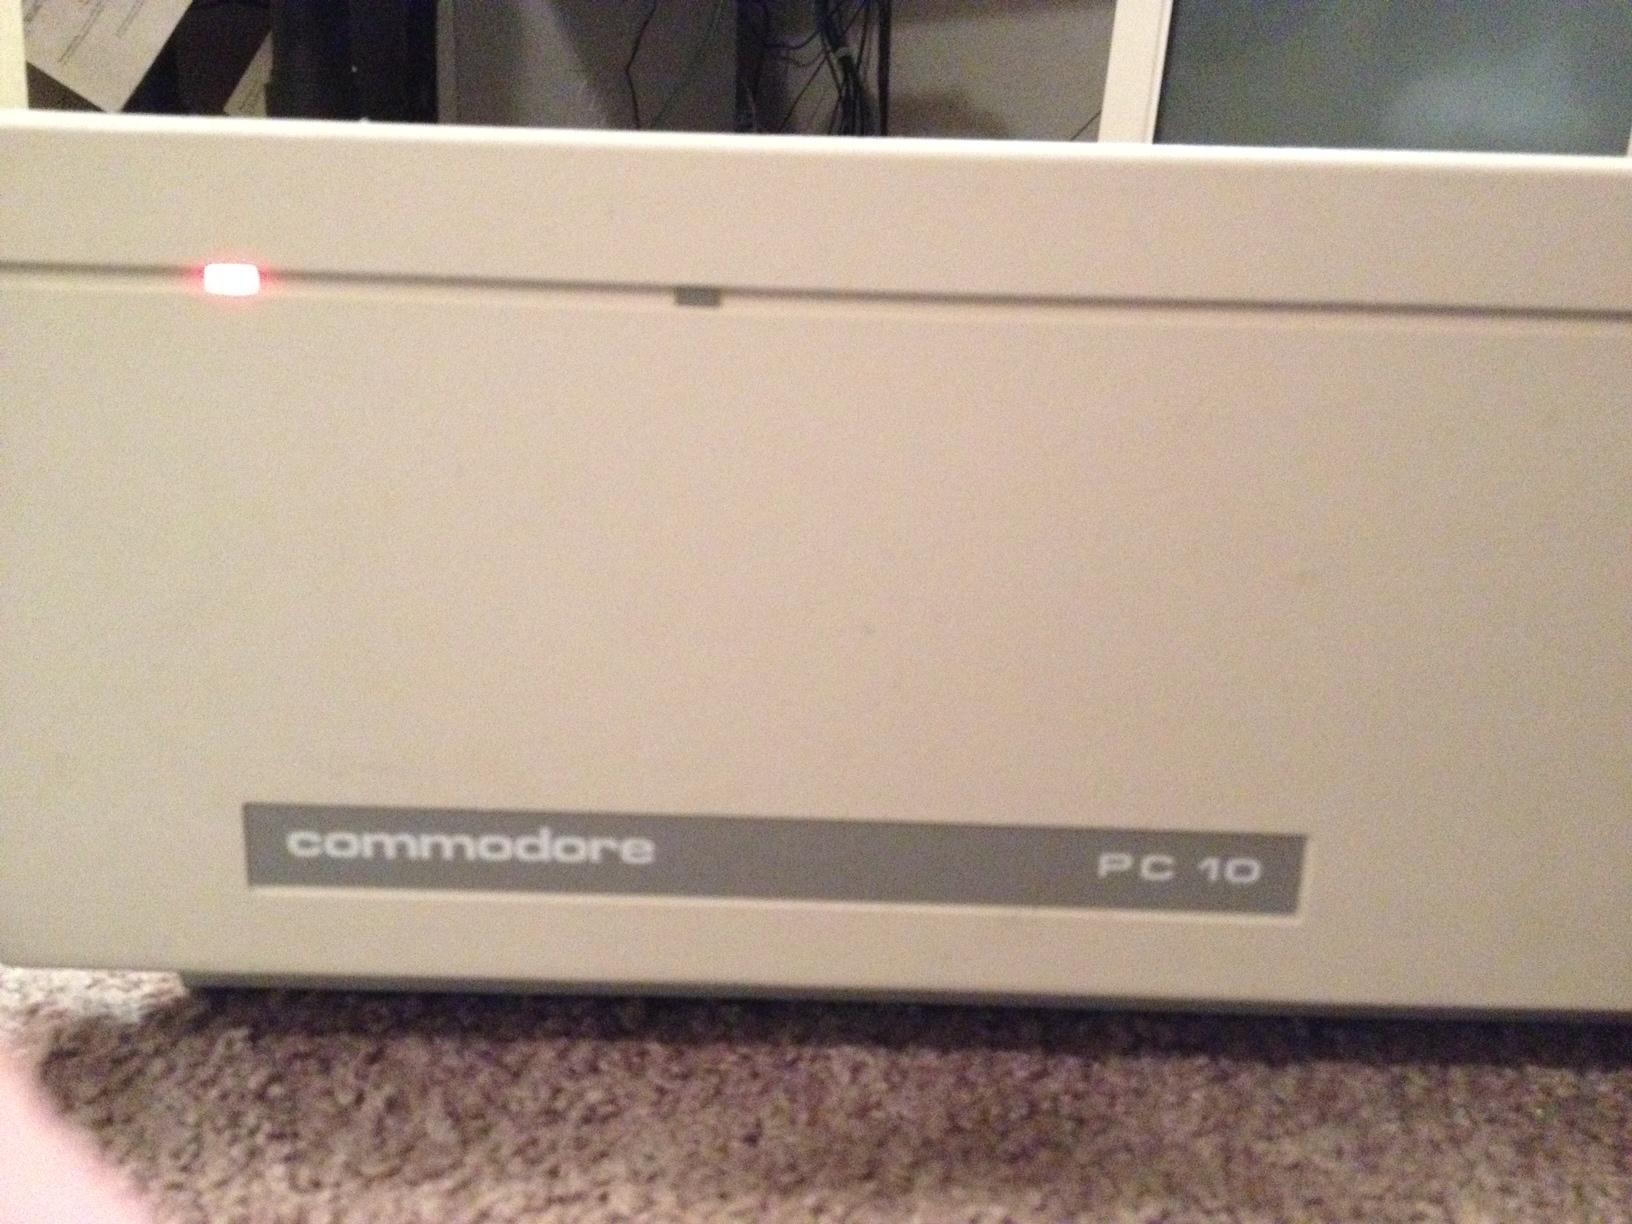 Commodore PC-10